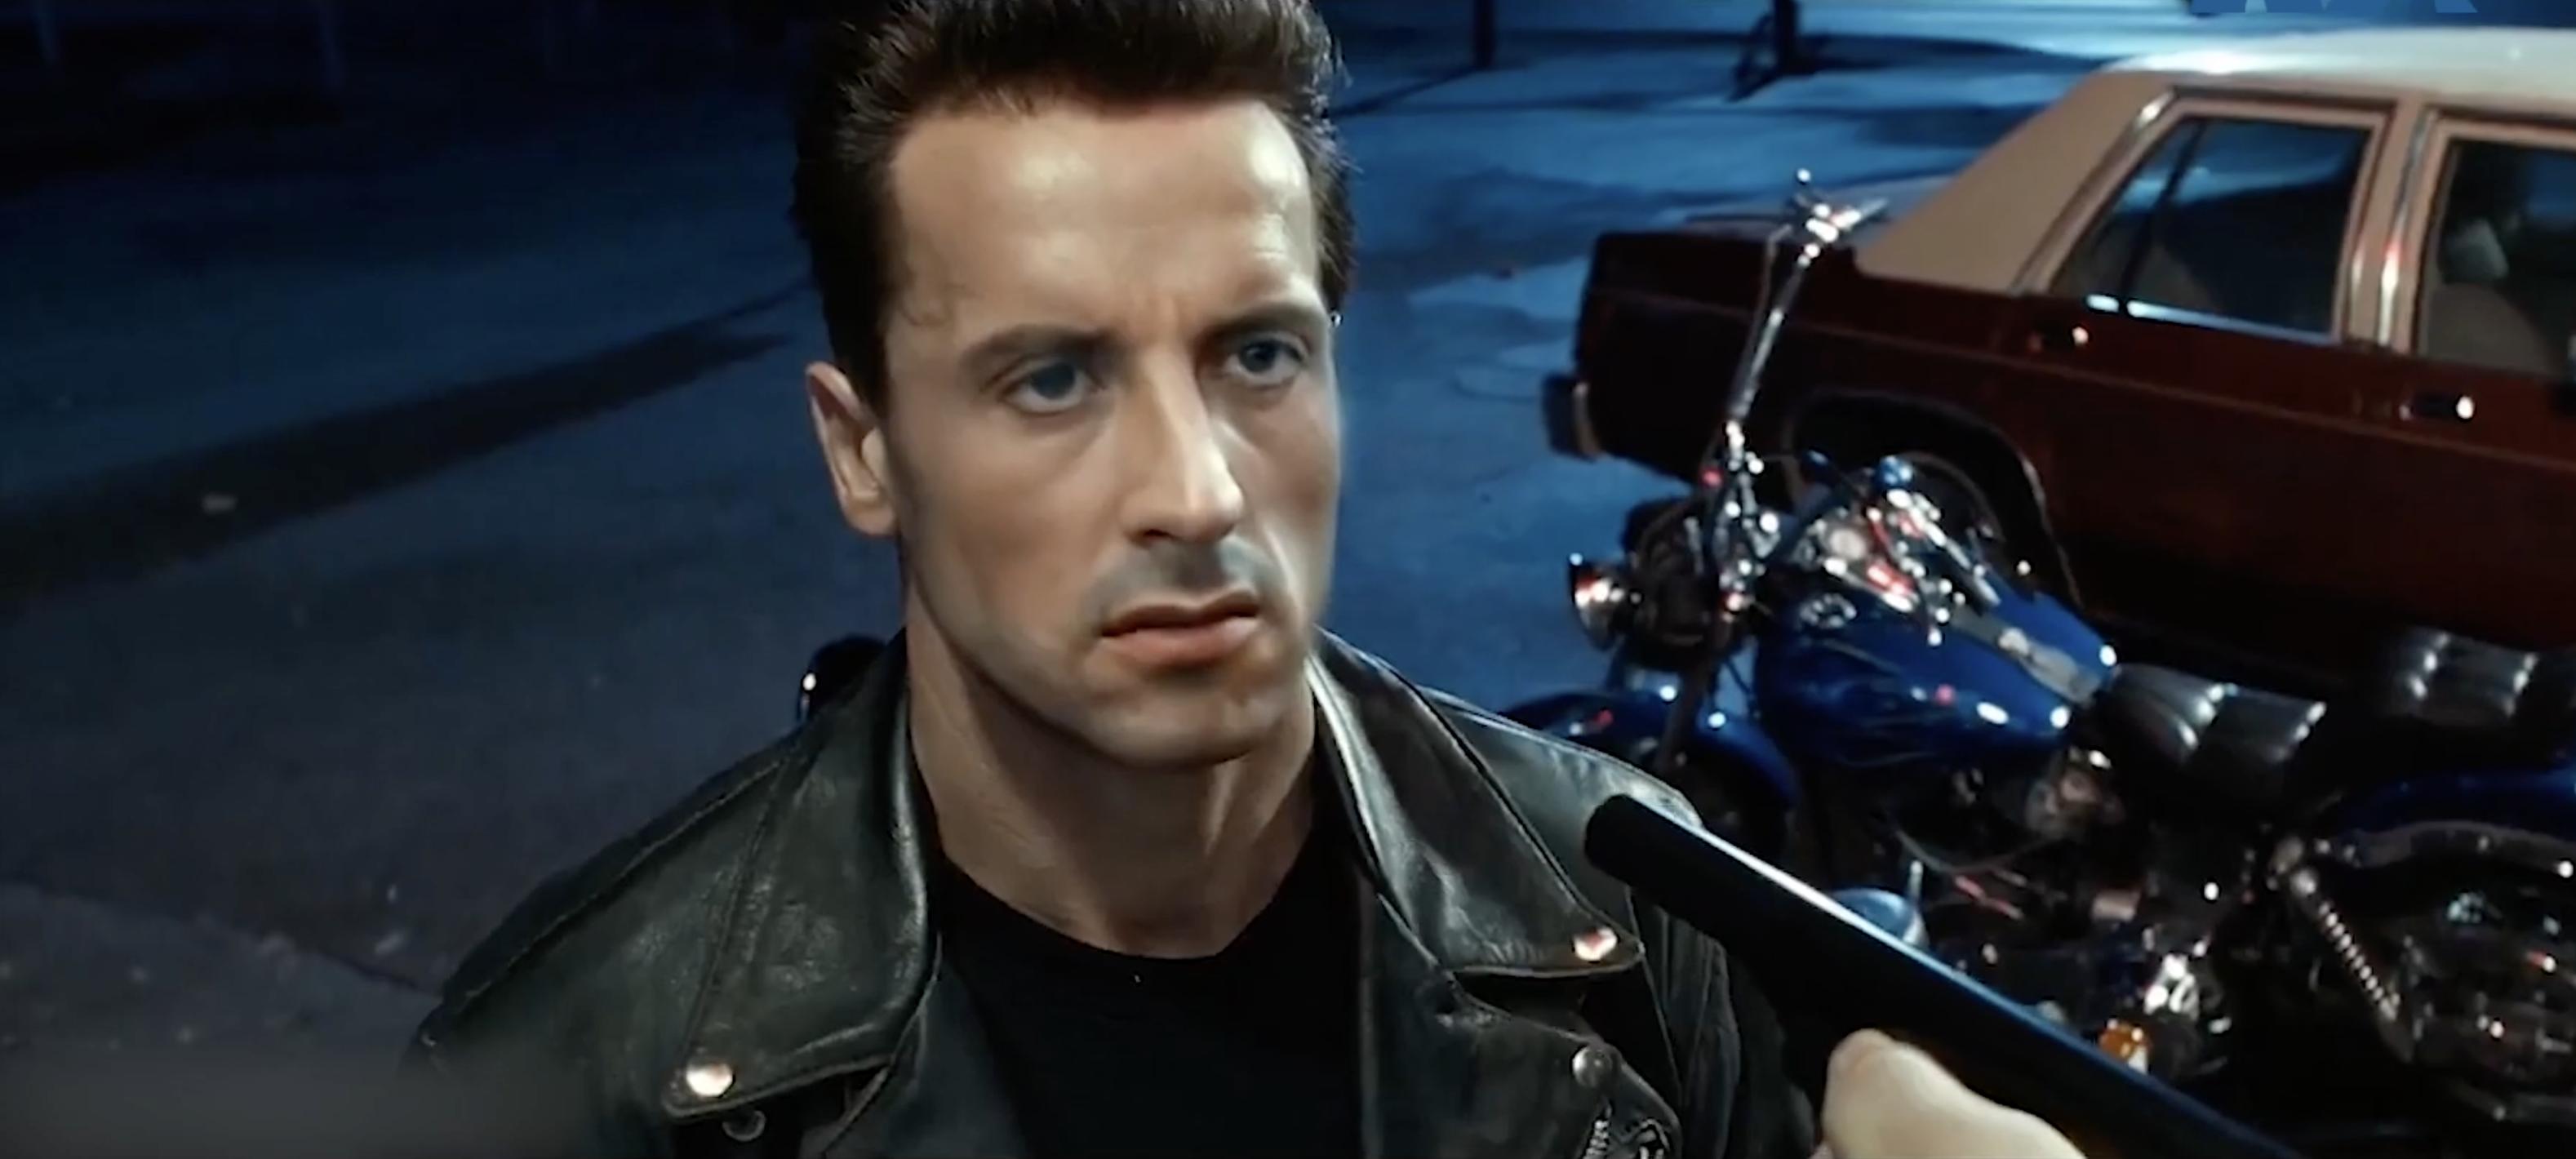 Сильвестр Сталлоне сыграет Нео в Матрице, или Кино 2.0 - 1